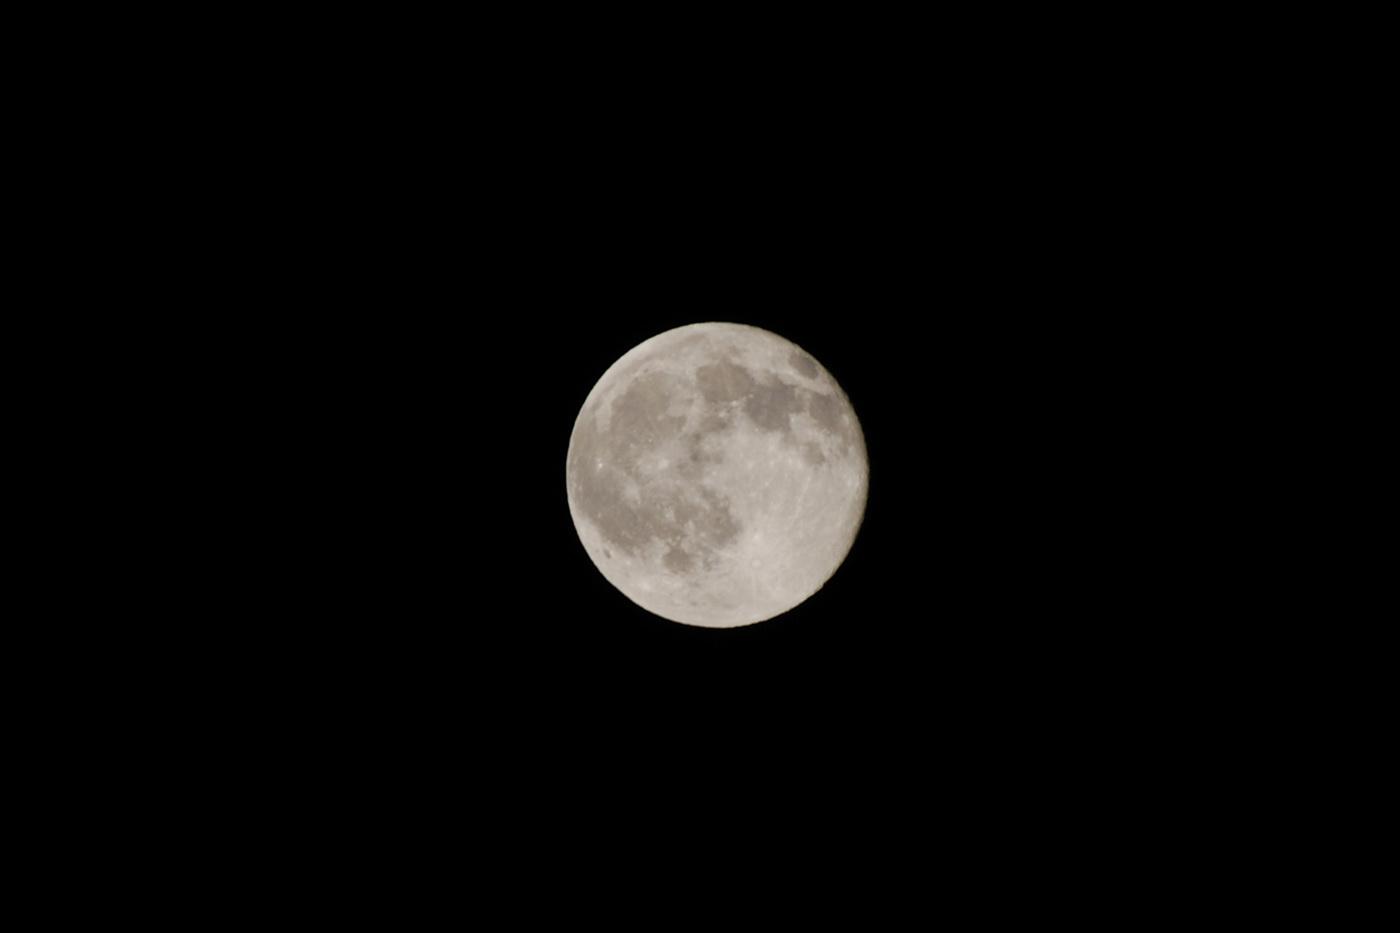 久しぶりに月の写真だじぇ(トリミングあり)